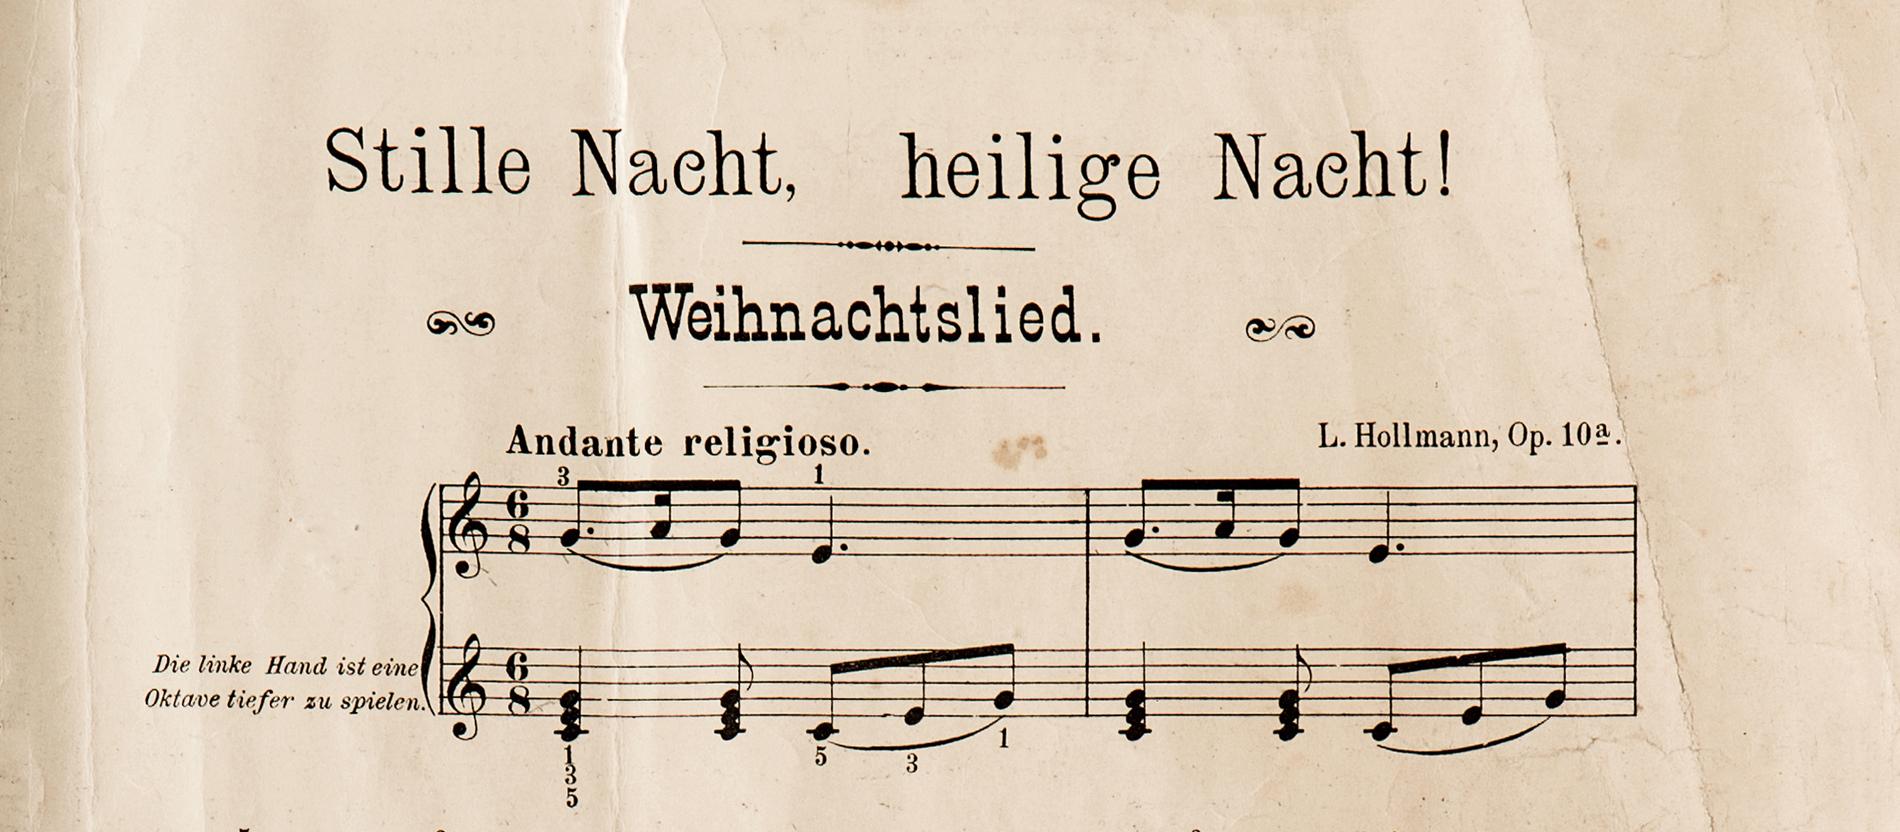 Den bekanntesten Weihnachtshit schrieb ein Priester - katholisch.de